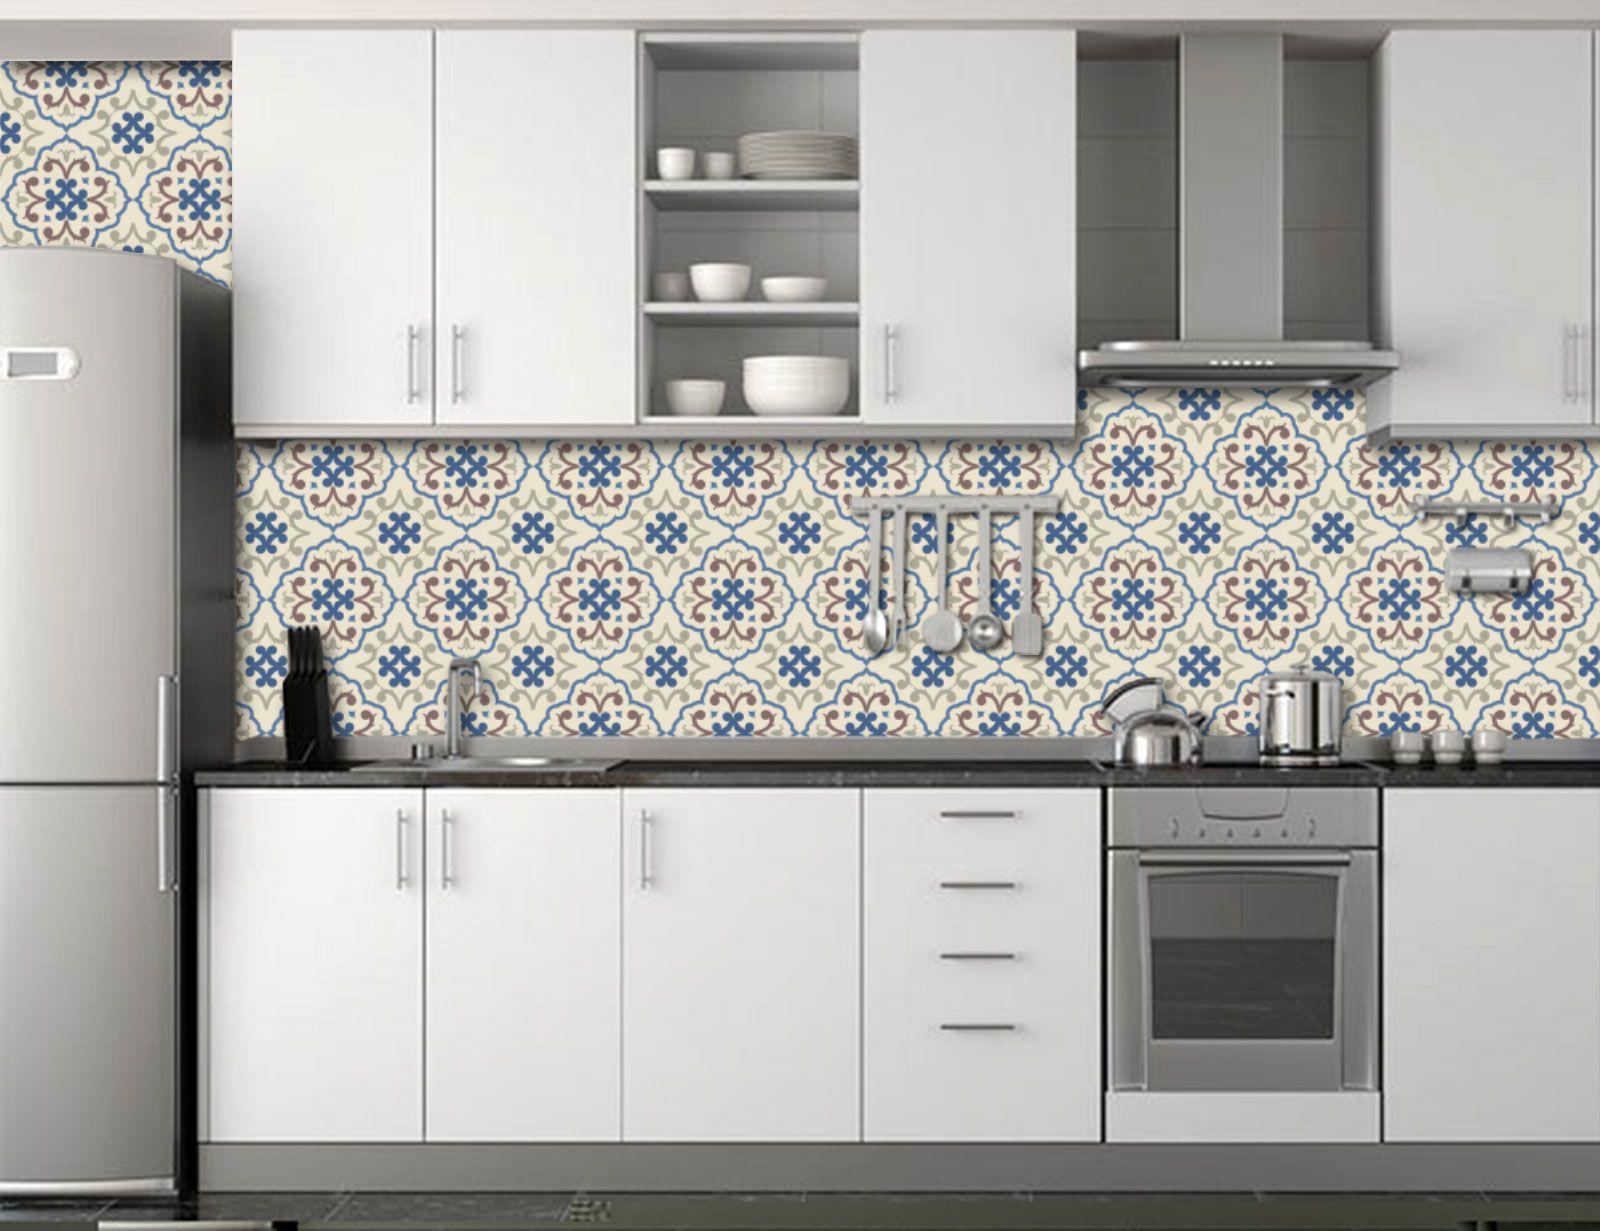 Papel de Parede para Cozinha Azulejos 0021 - Adesivos de Parede